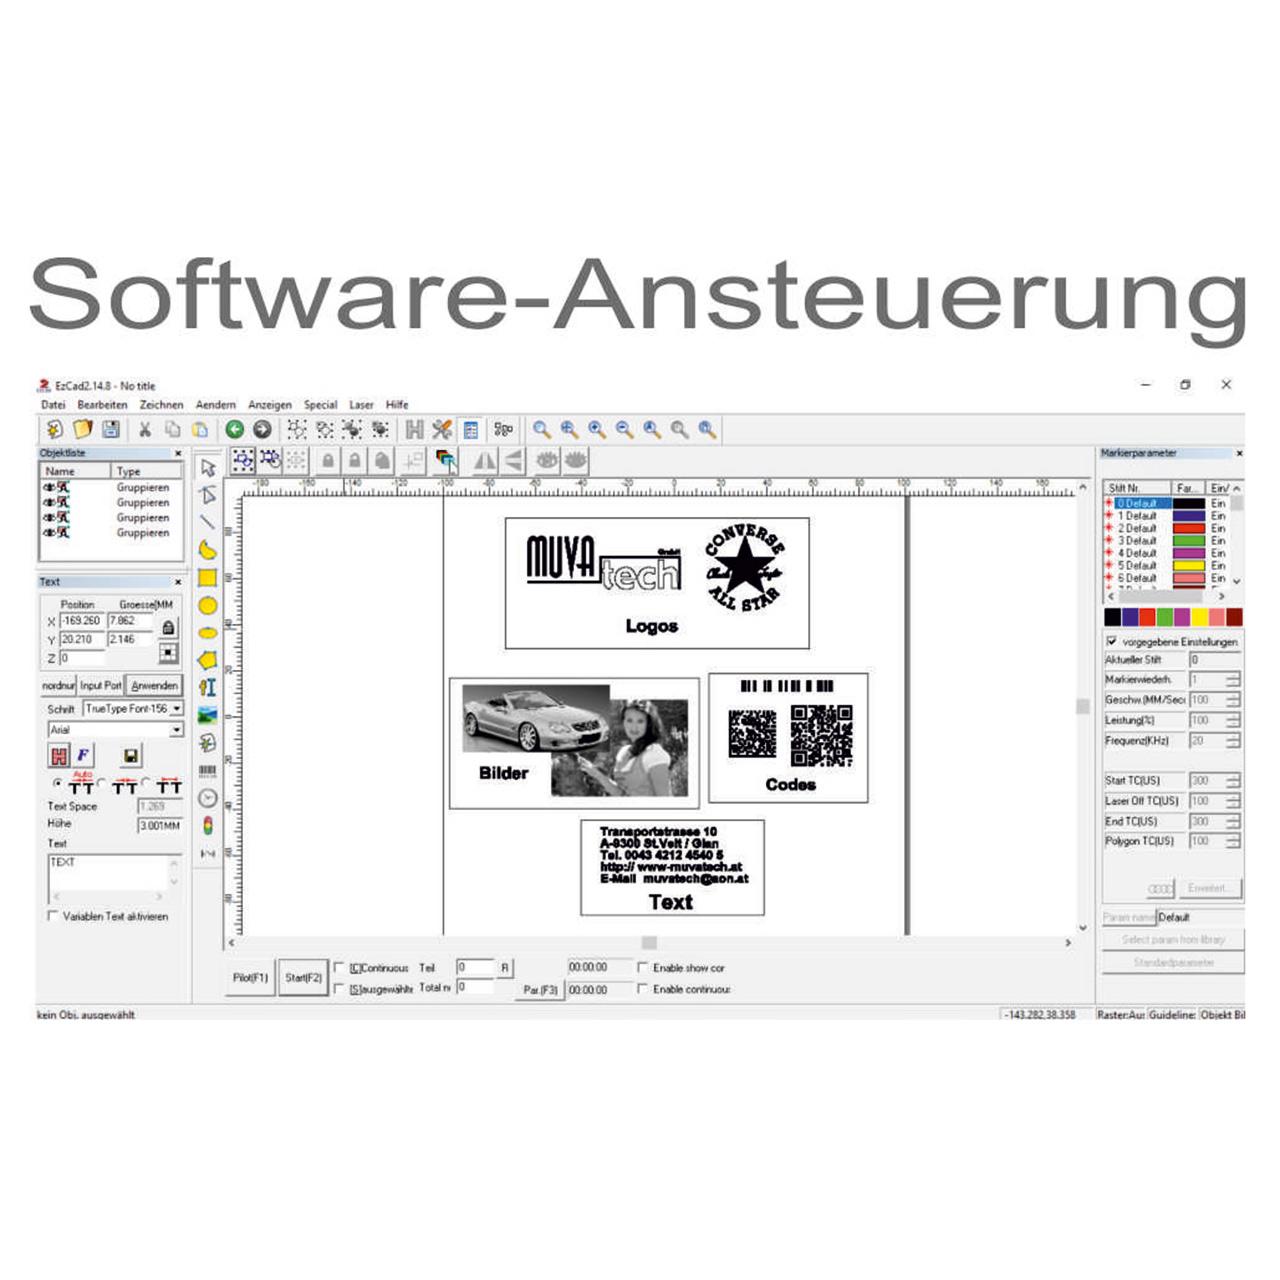 MUVA laser - Mastermark-Software